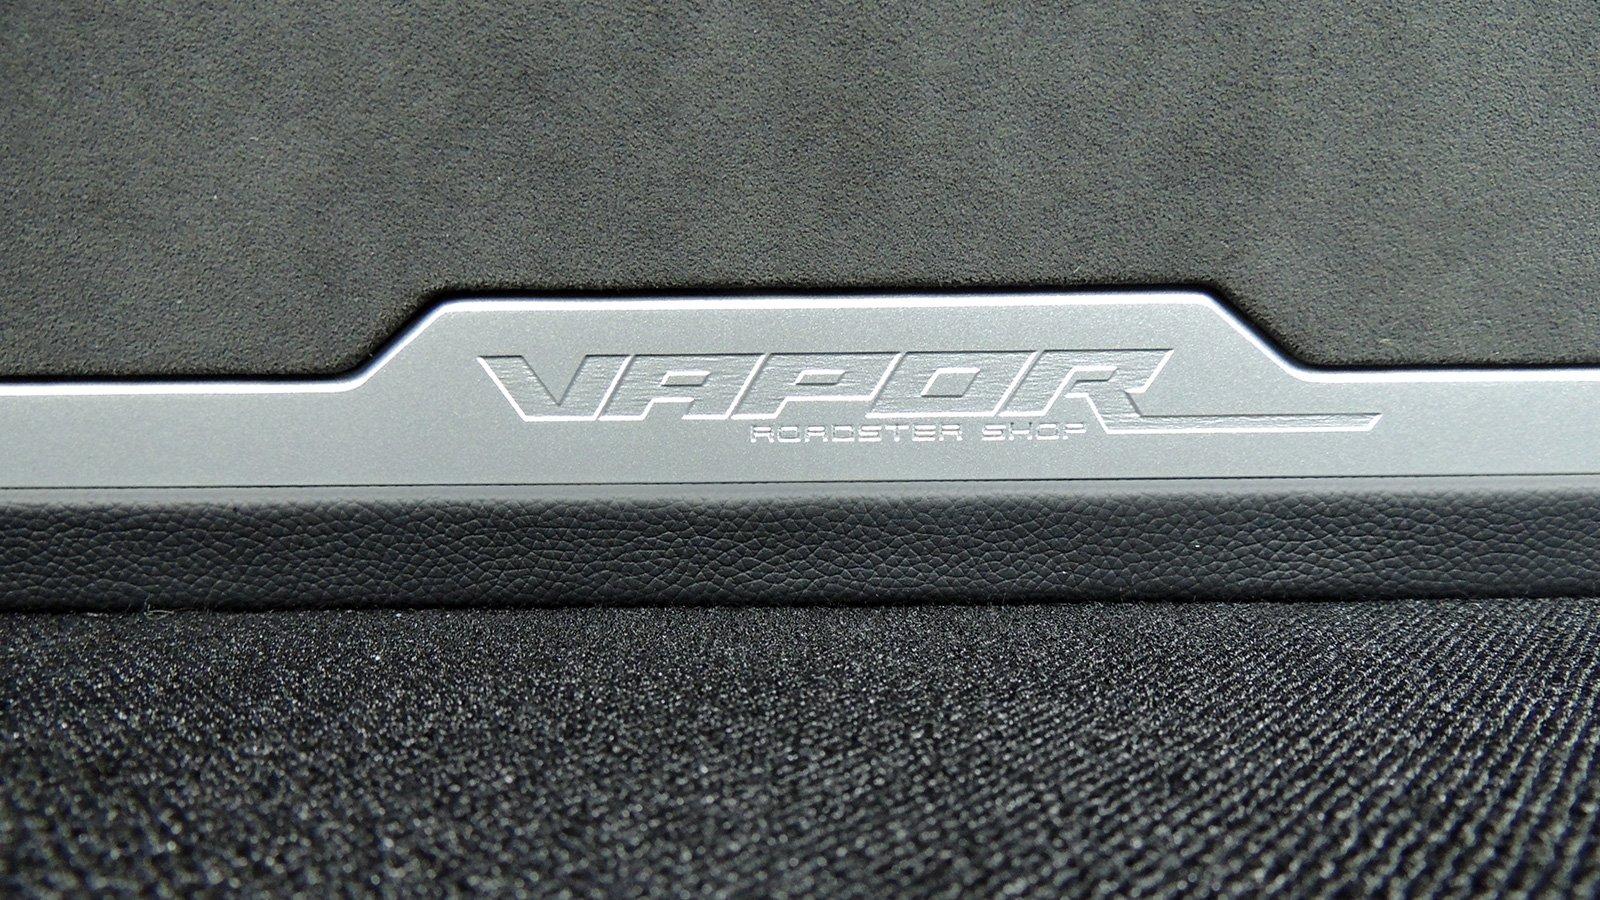 65-mustang-vapor-custom-emblem